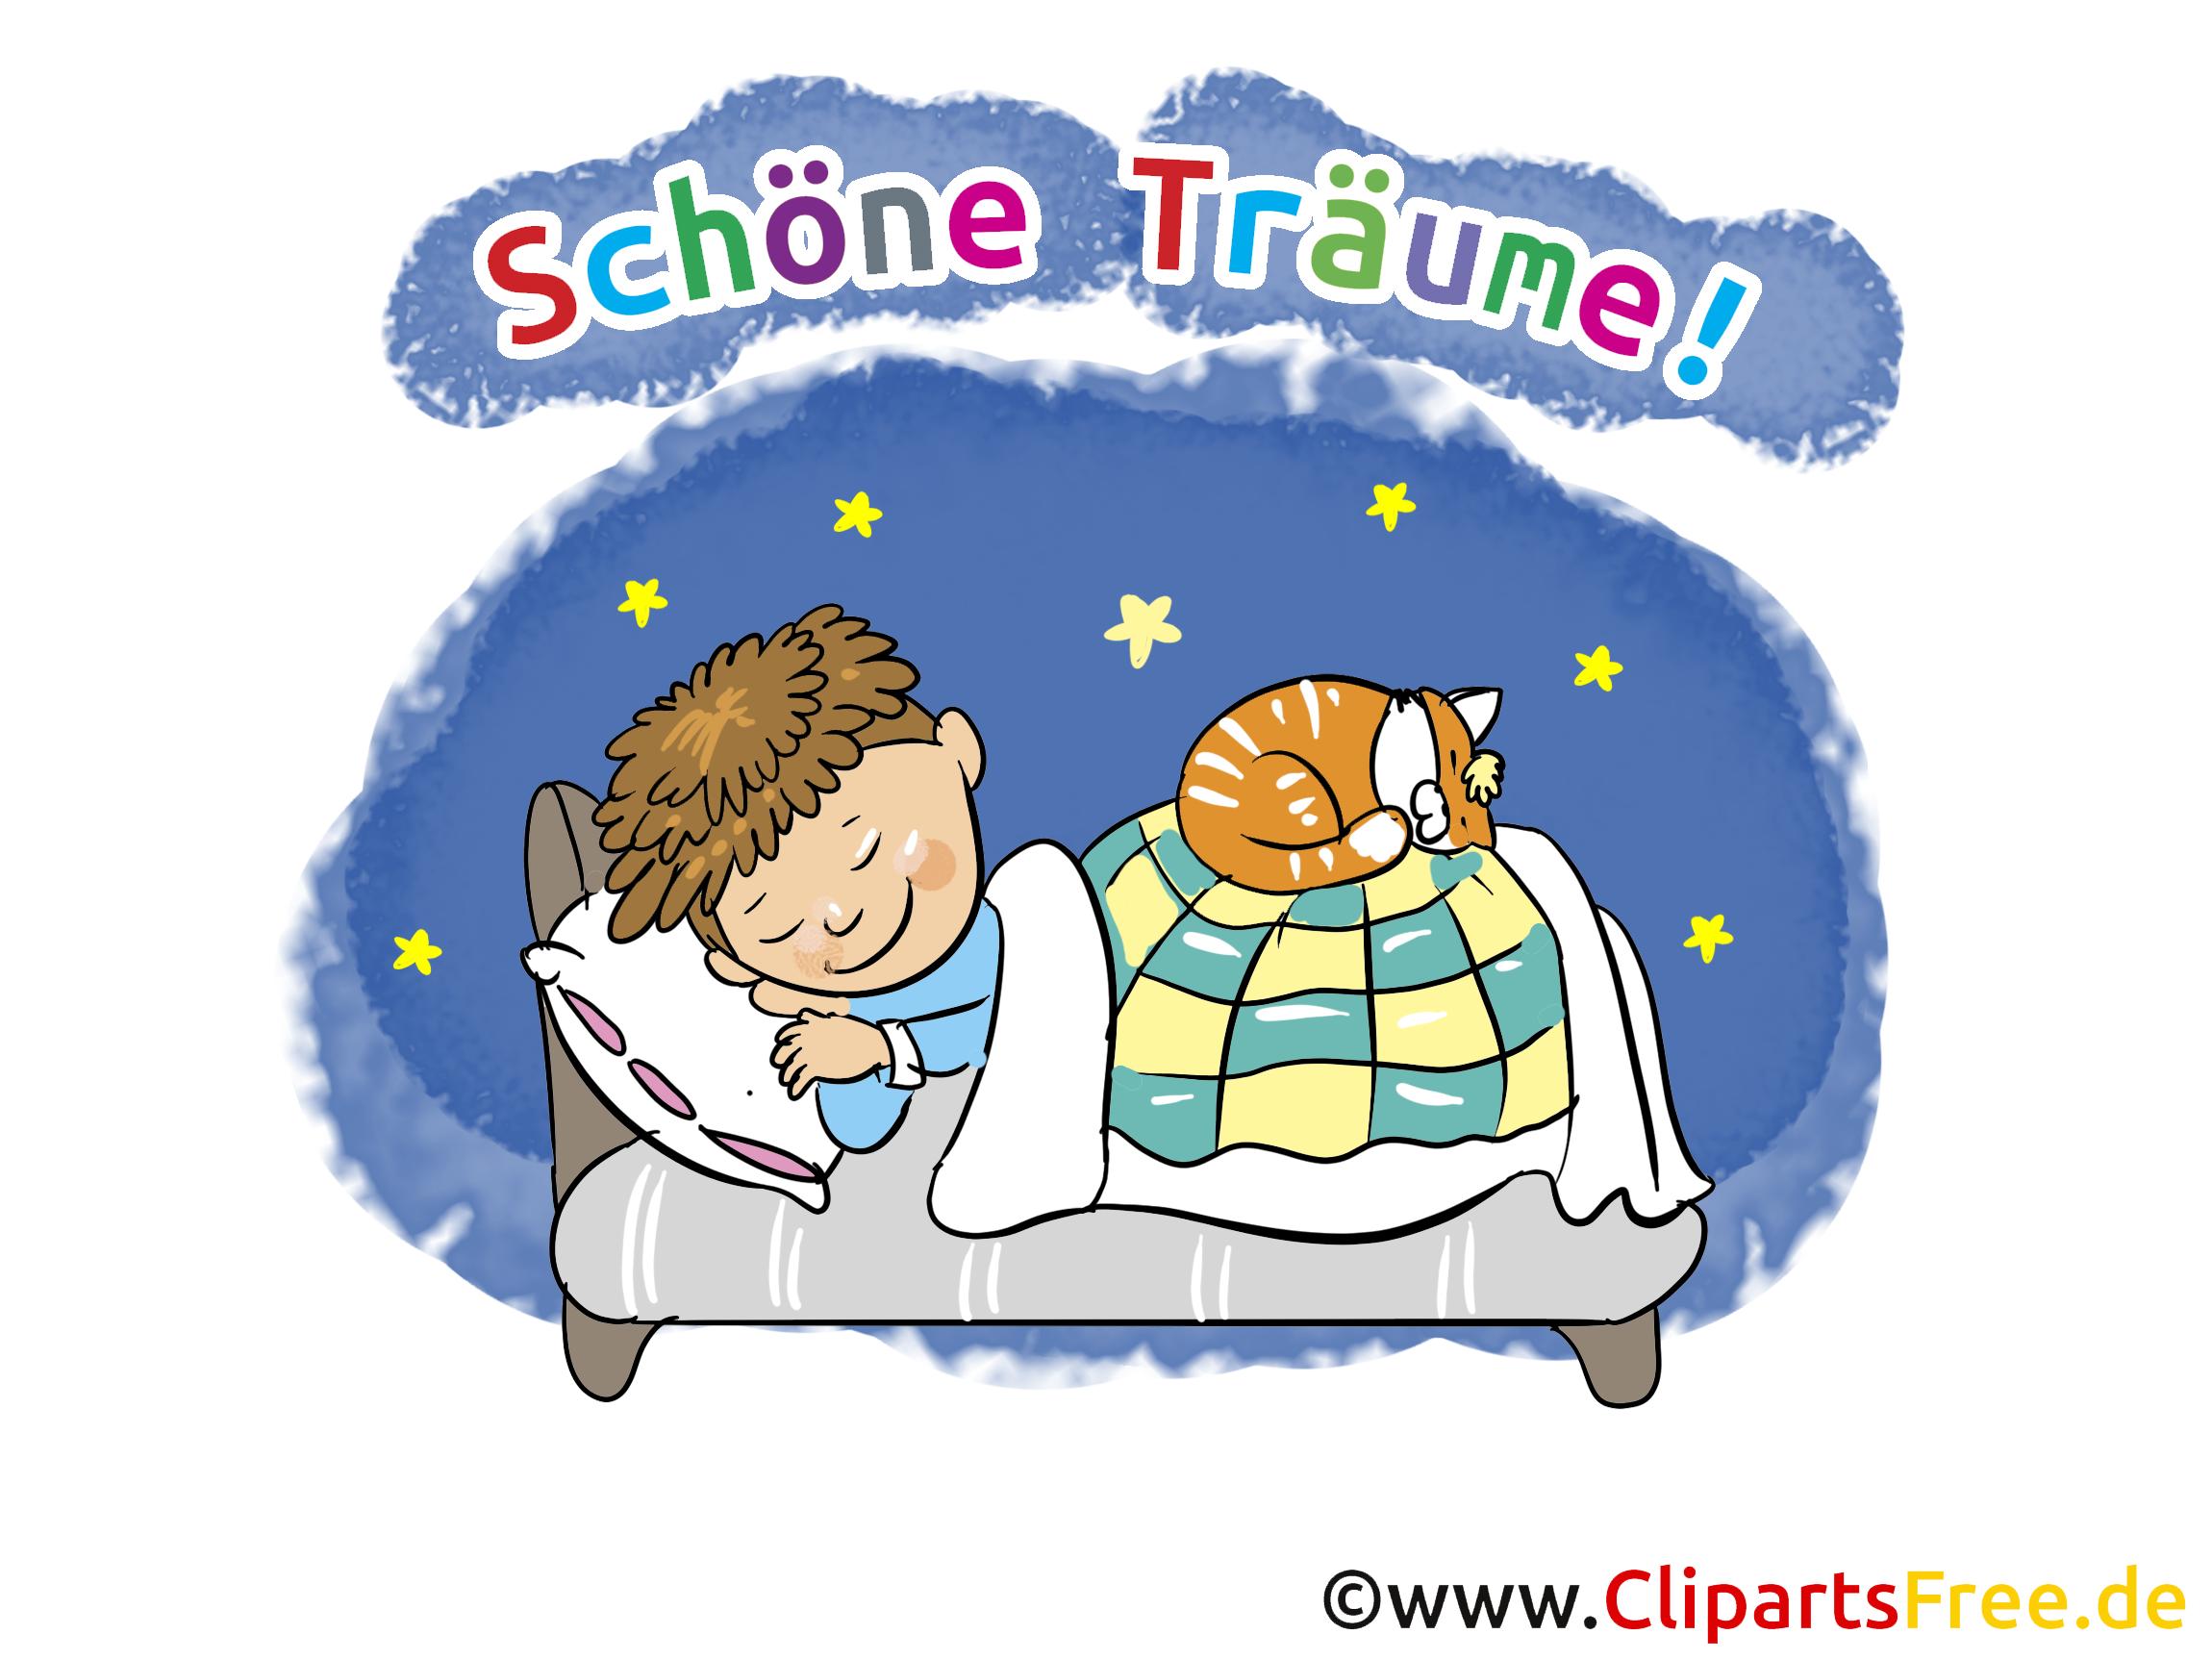 Gute nacht clipart bilder clip library download Gute Nacht und schöne Träume Karte, GB Bild, Cartoon gratis clip library download